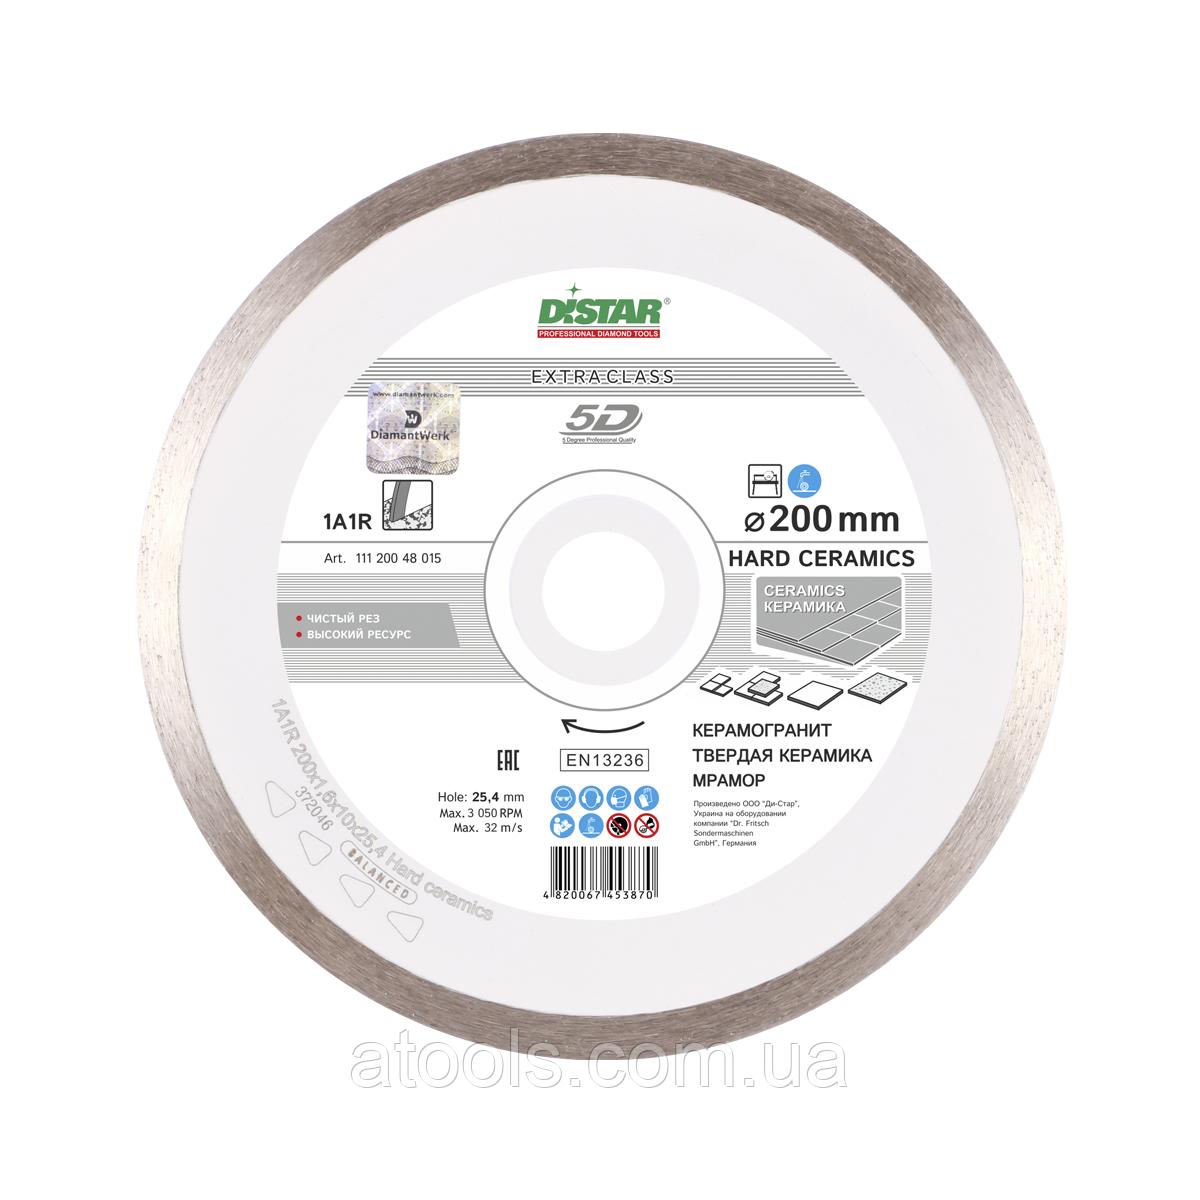 Алмазный отрезной диск Distar Hard ceramics 1A1R 350x2.2/1.8x10x32 (11127048024)